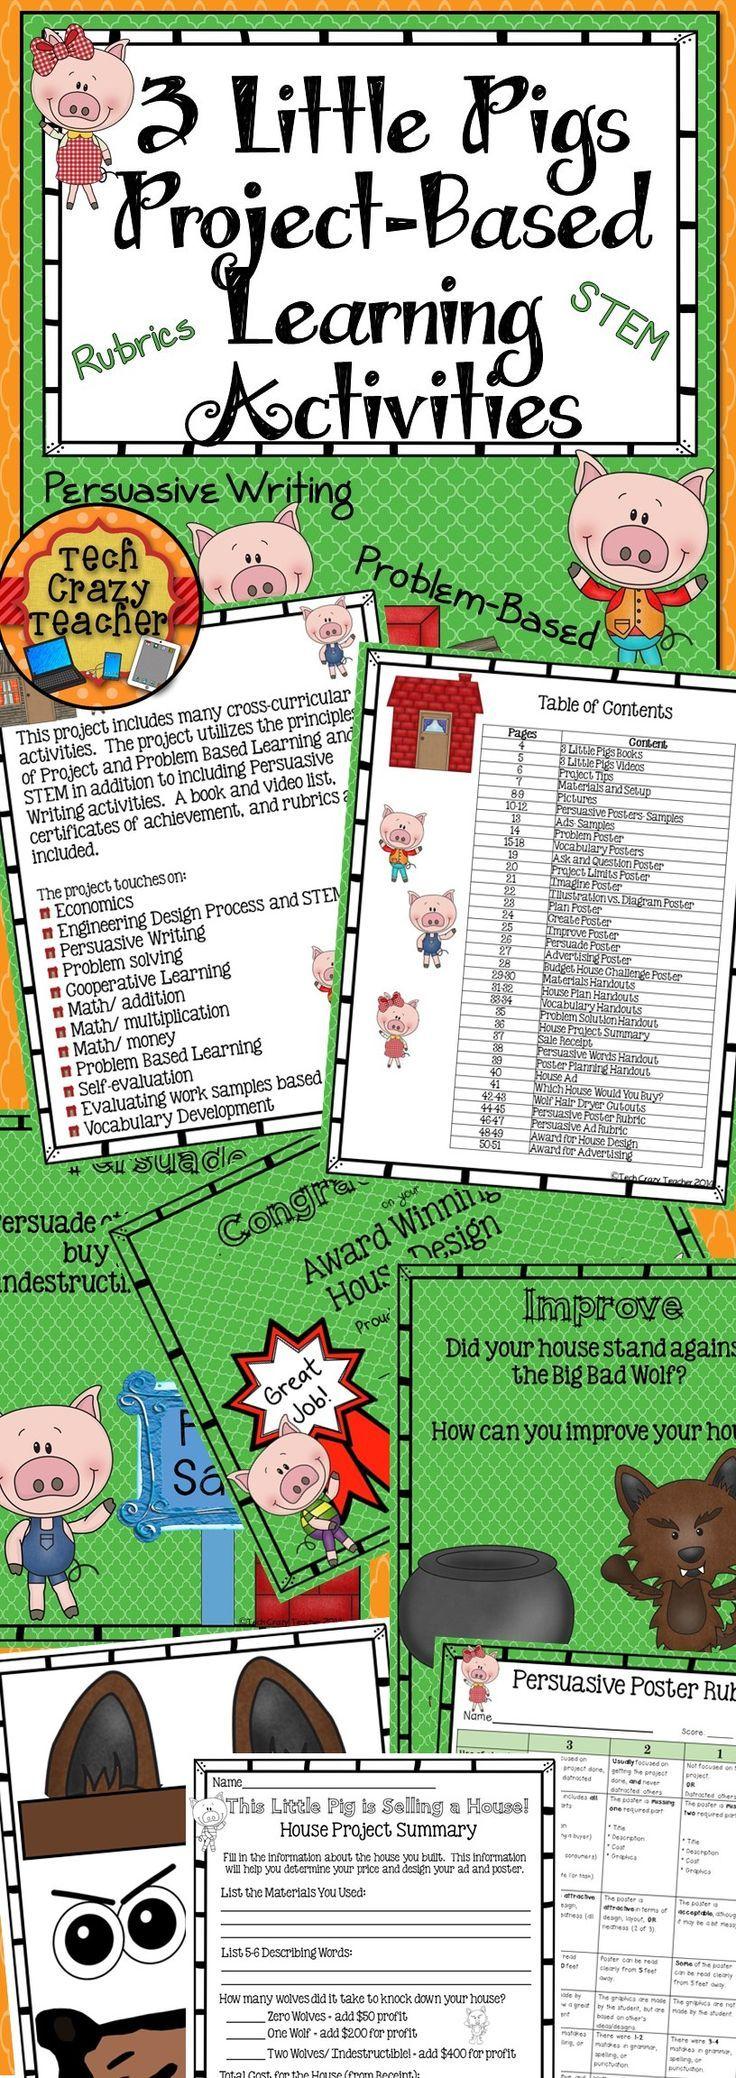 Los Tres Cerditos es un proyecto en el que se incluyen varias actividades cros-curriculares para aprender escritura persuasiva, vocabulario, matemáticas (sumas, restas, dinero), resolución de problemas, diseño, trabajo colaborativo, auto-evaluación, etc. Ideal para 5 ó 6 sesiones de Aprendizaje Basado en Proyectos en tercero o cuarto de Primaria.